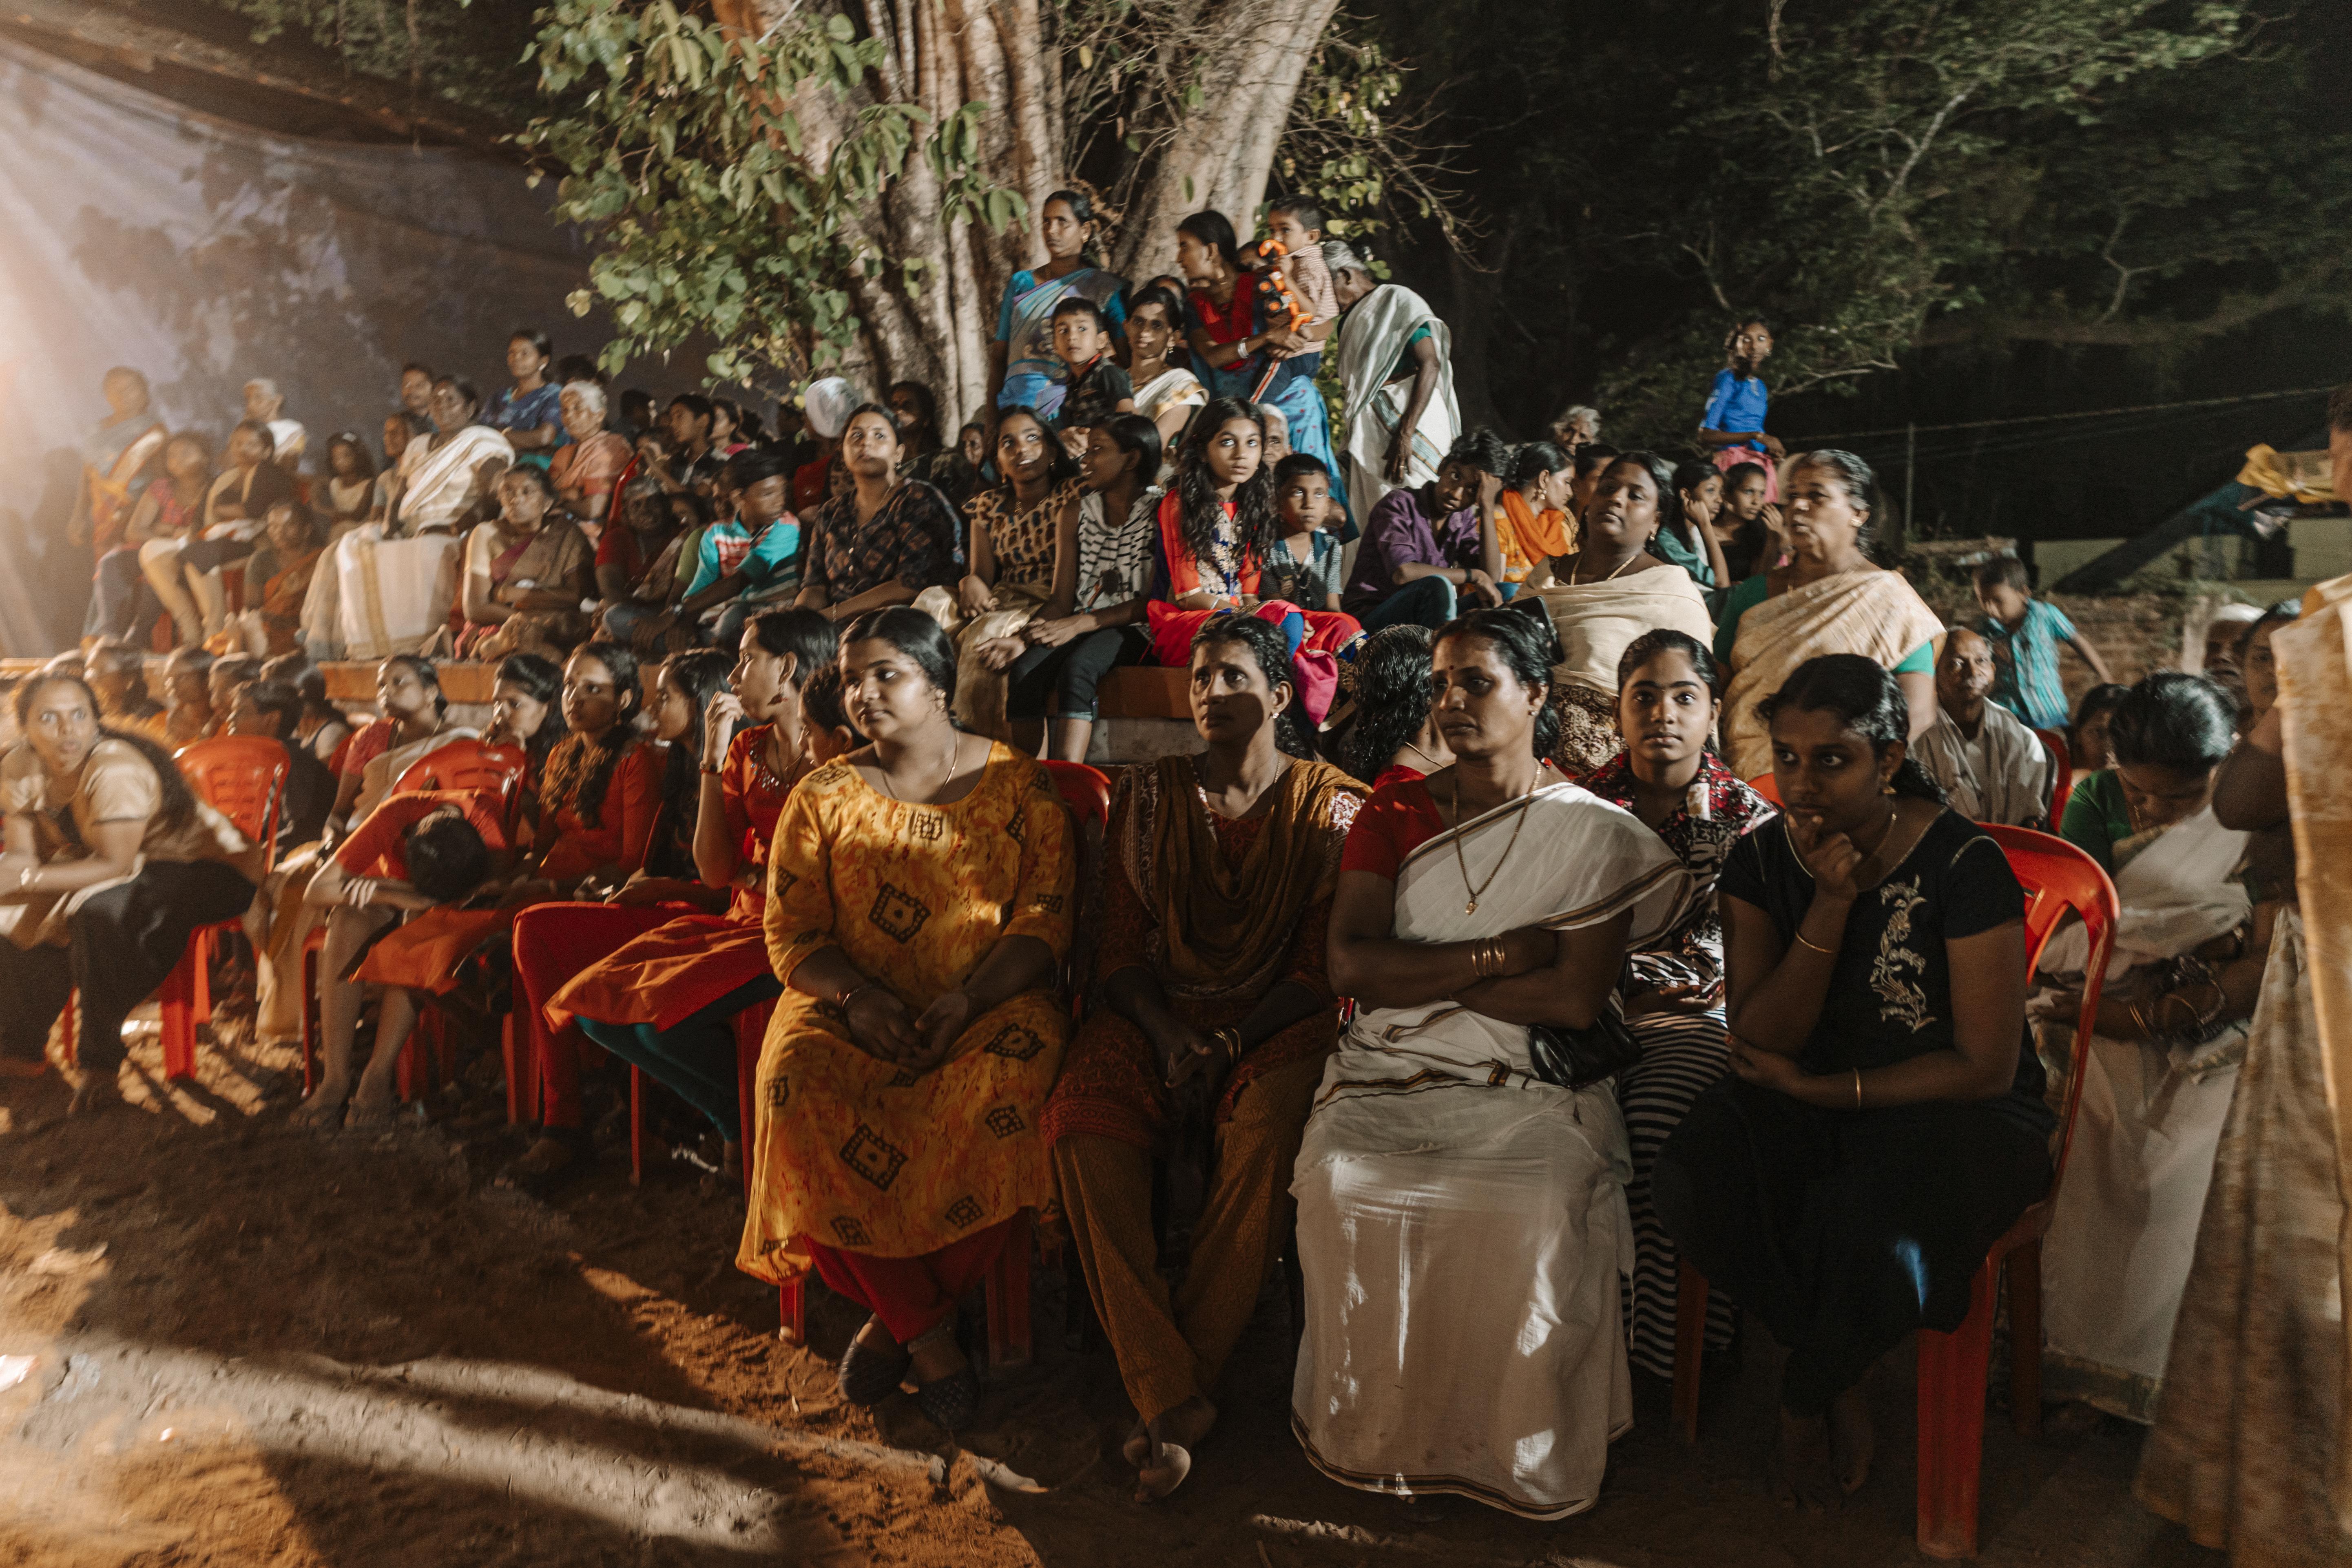 Crowd during a Mudiyettu performance